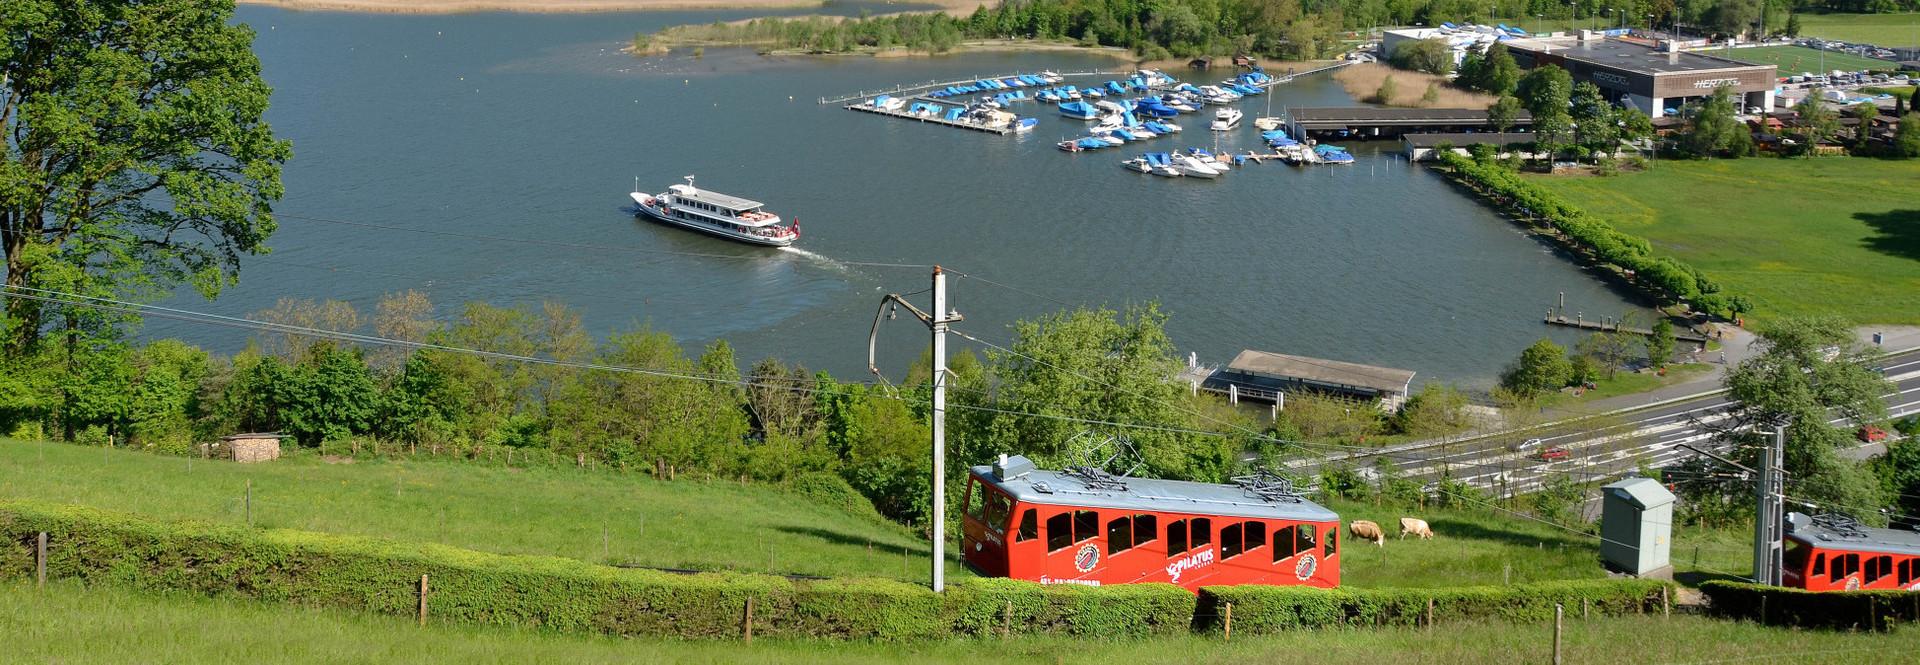 Blick auf die Pilatus Zahnradbahn mit dem Vierwaldstättersee im Hintergrund.